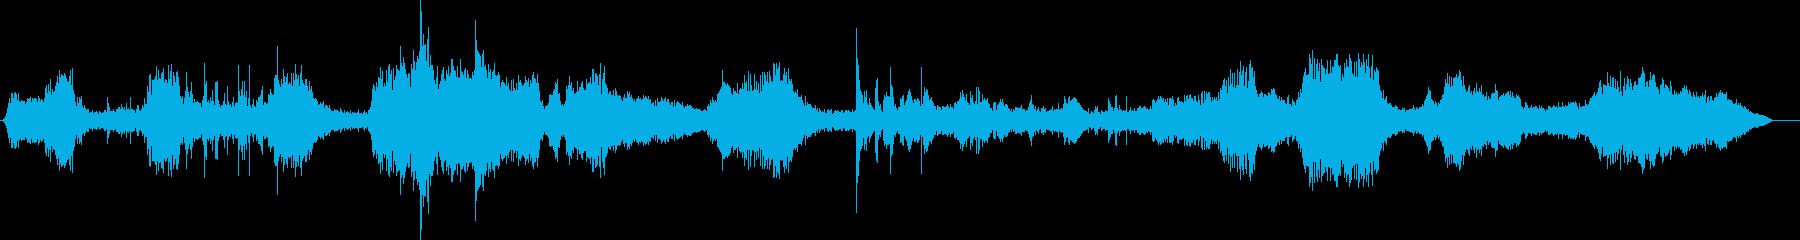 ブルドーザー、ローディンググレーベ...の再生済みの波形